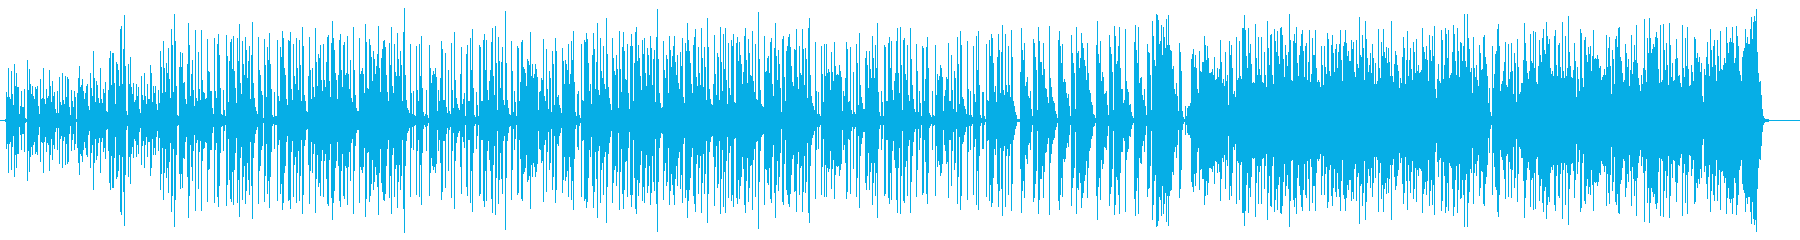 緩やかでマイナーなシンセサウンドの再生済みの波形